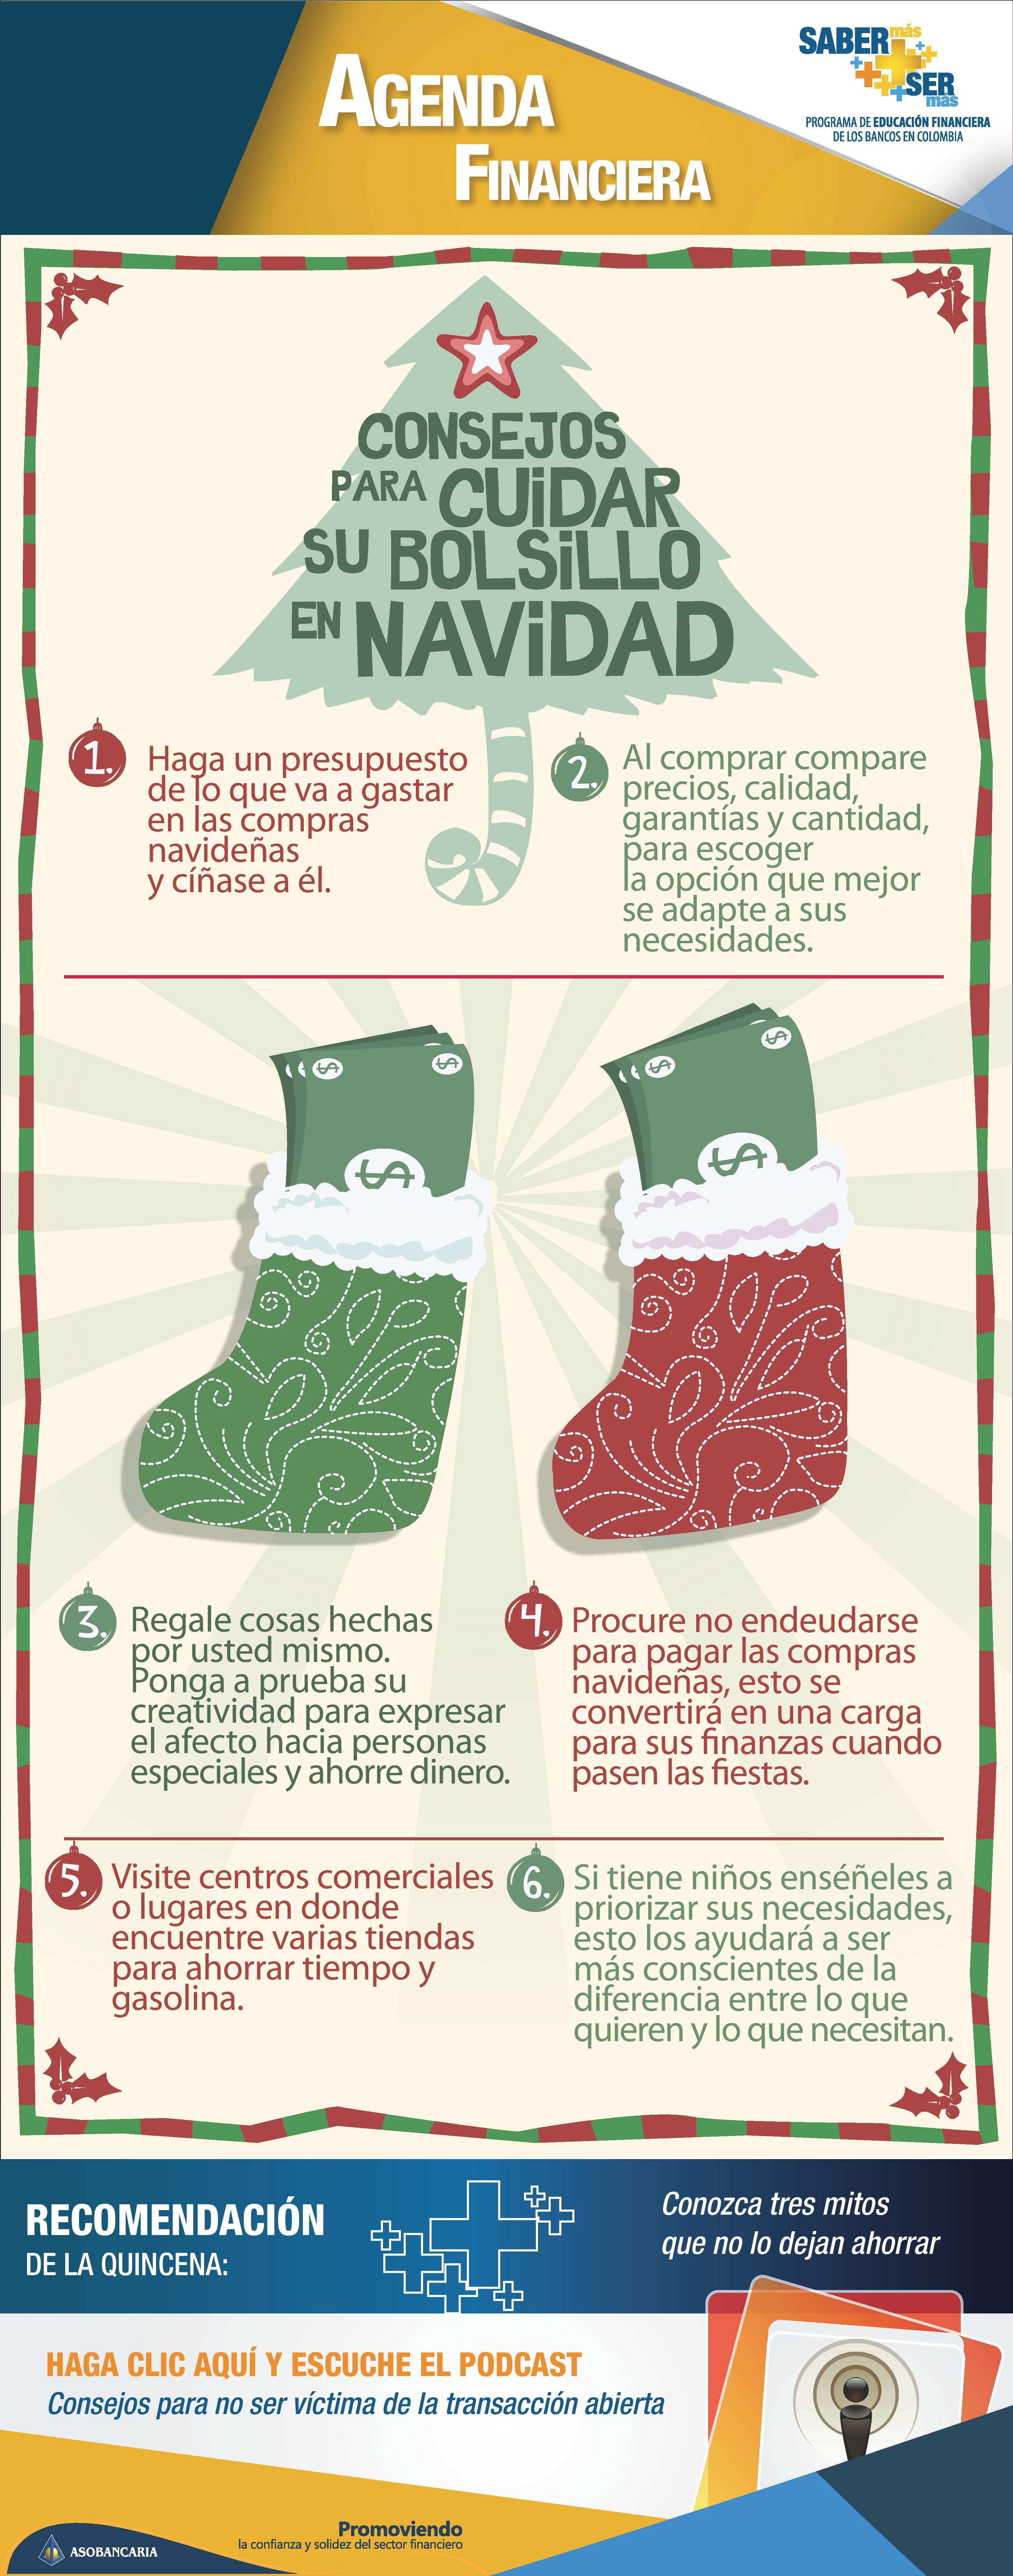 Boletin 90 - Consejos para cuidar su bolsillo en navidad